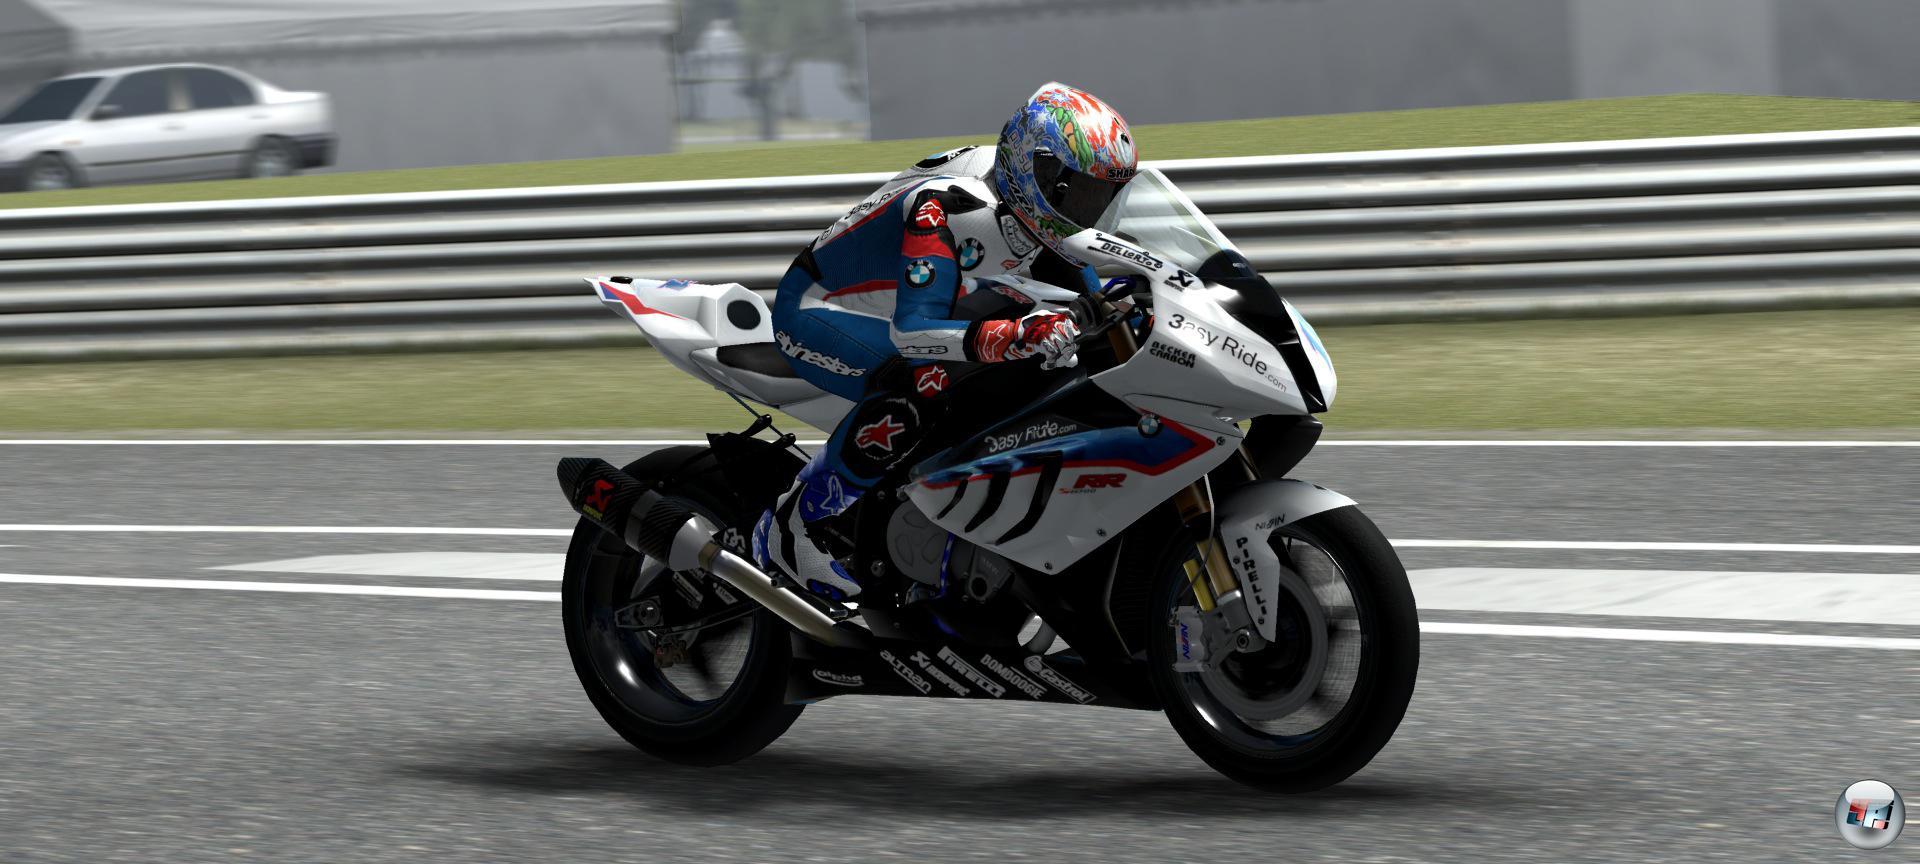 Motorräder und Fahrer sehen gut aus - bei den Kulissen hat Milestone an Details gespart.